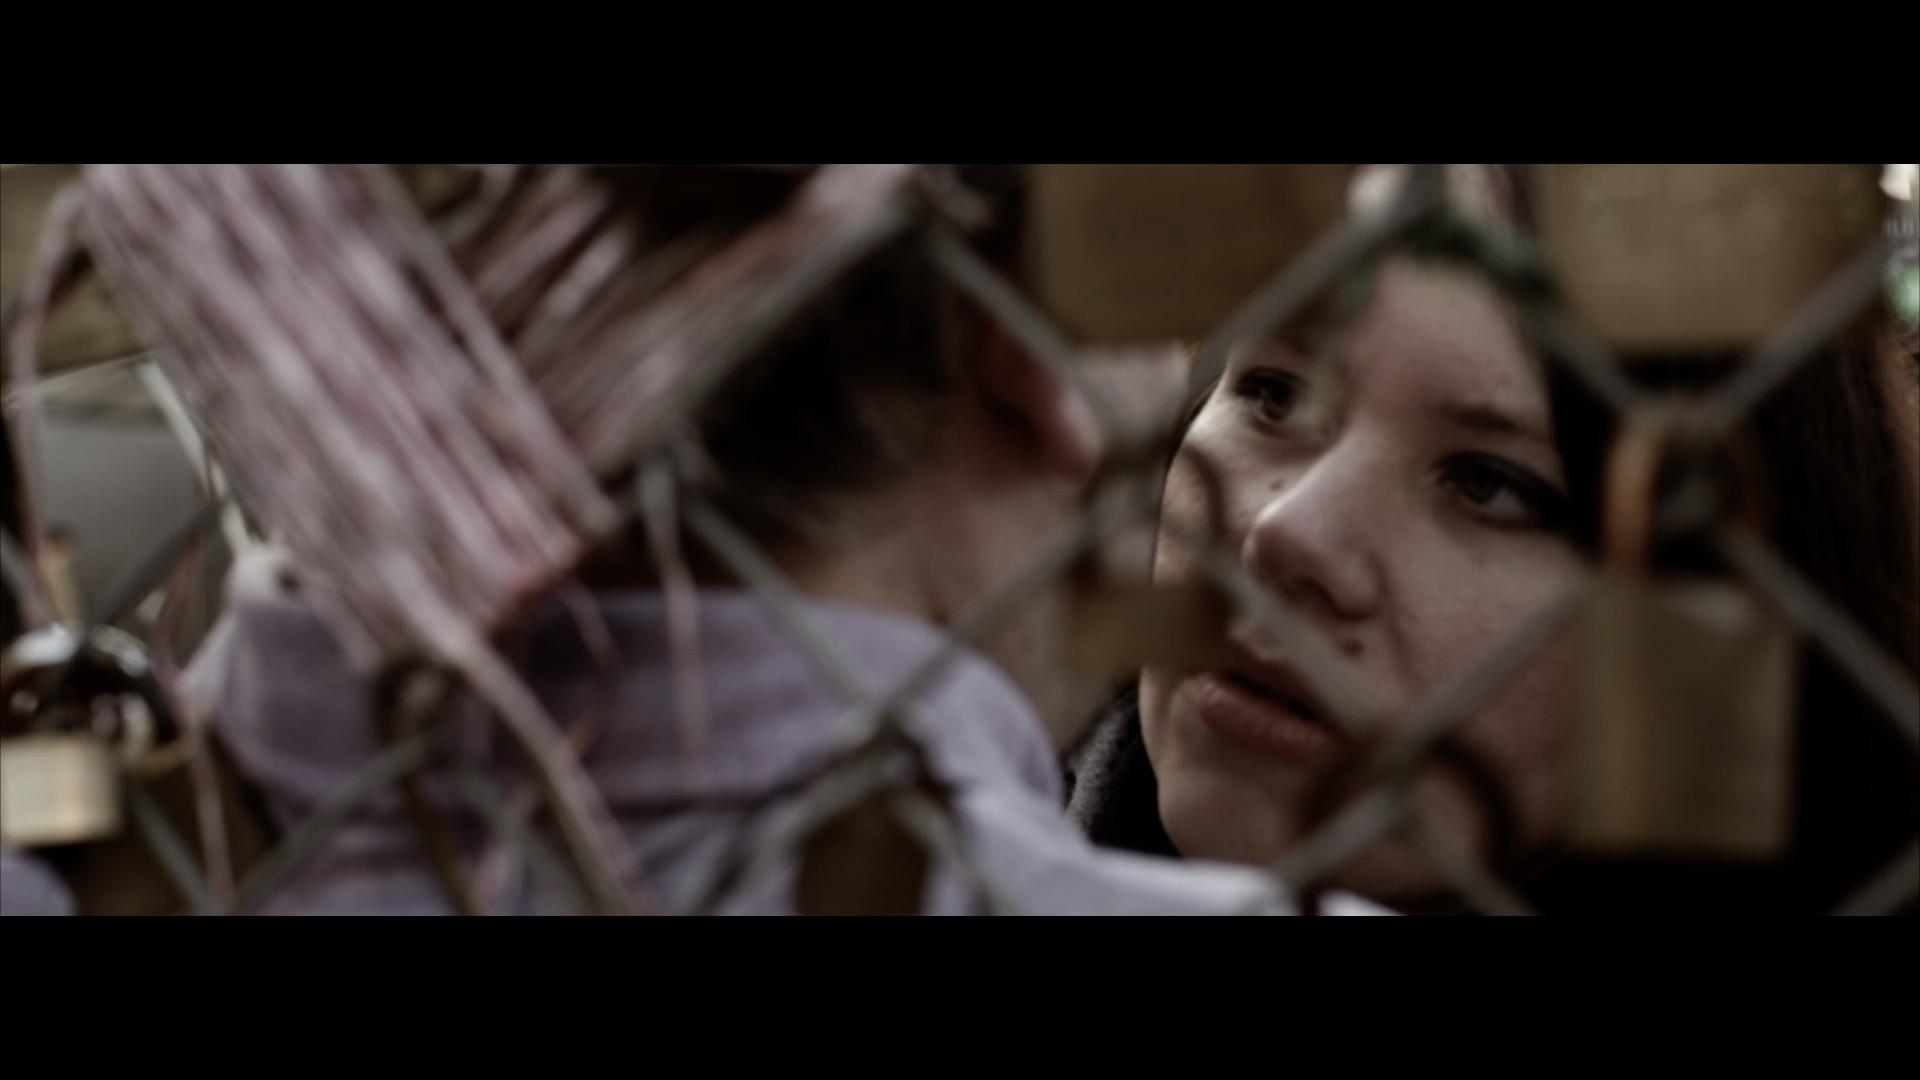 Love Locked - short film